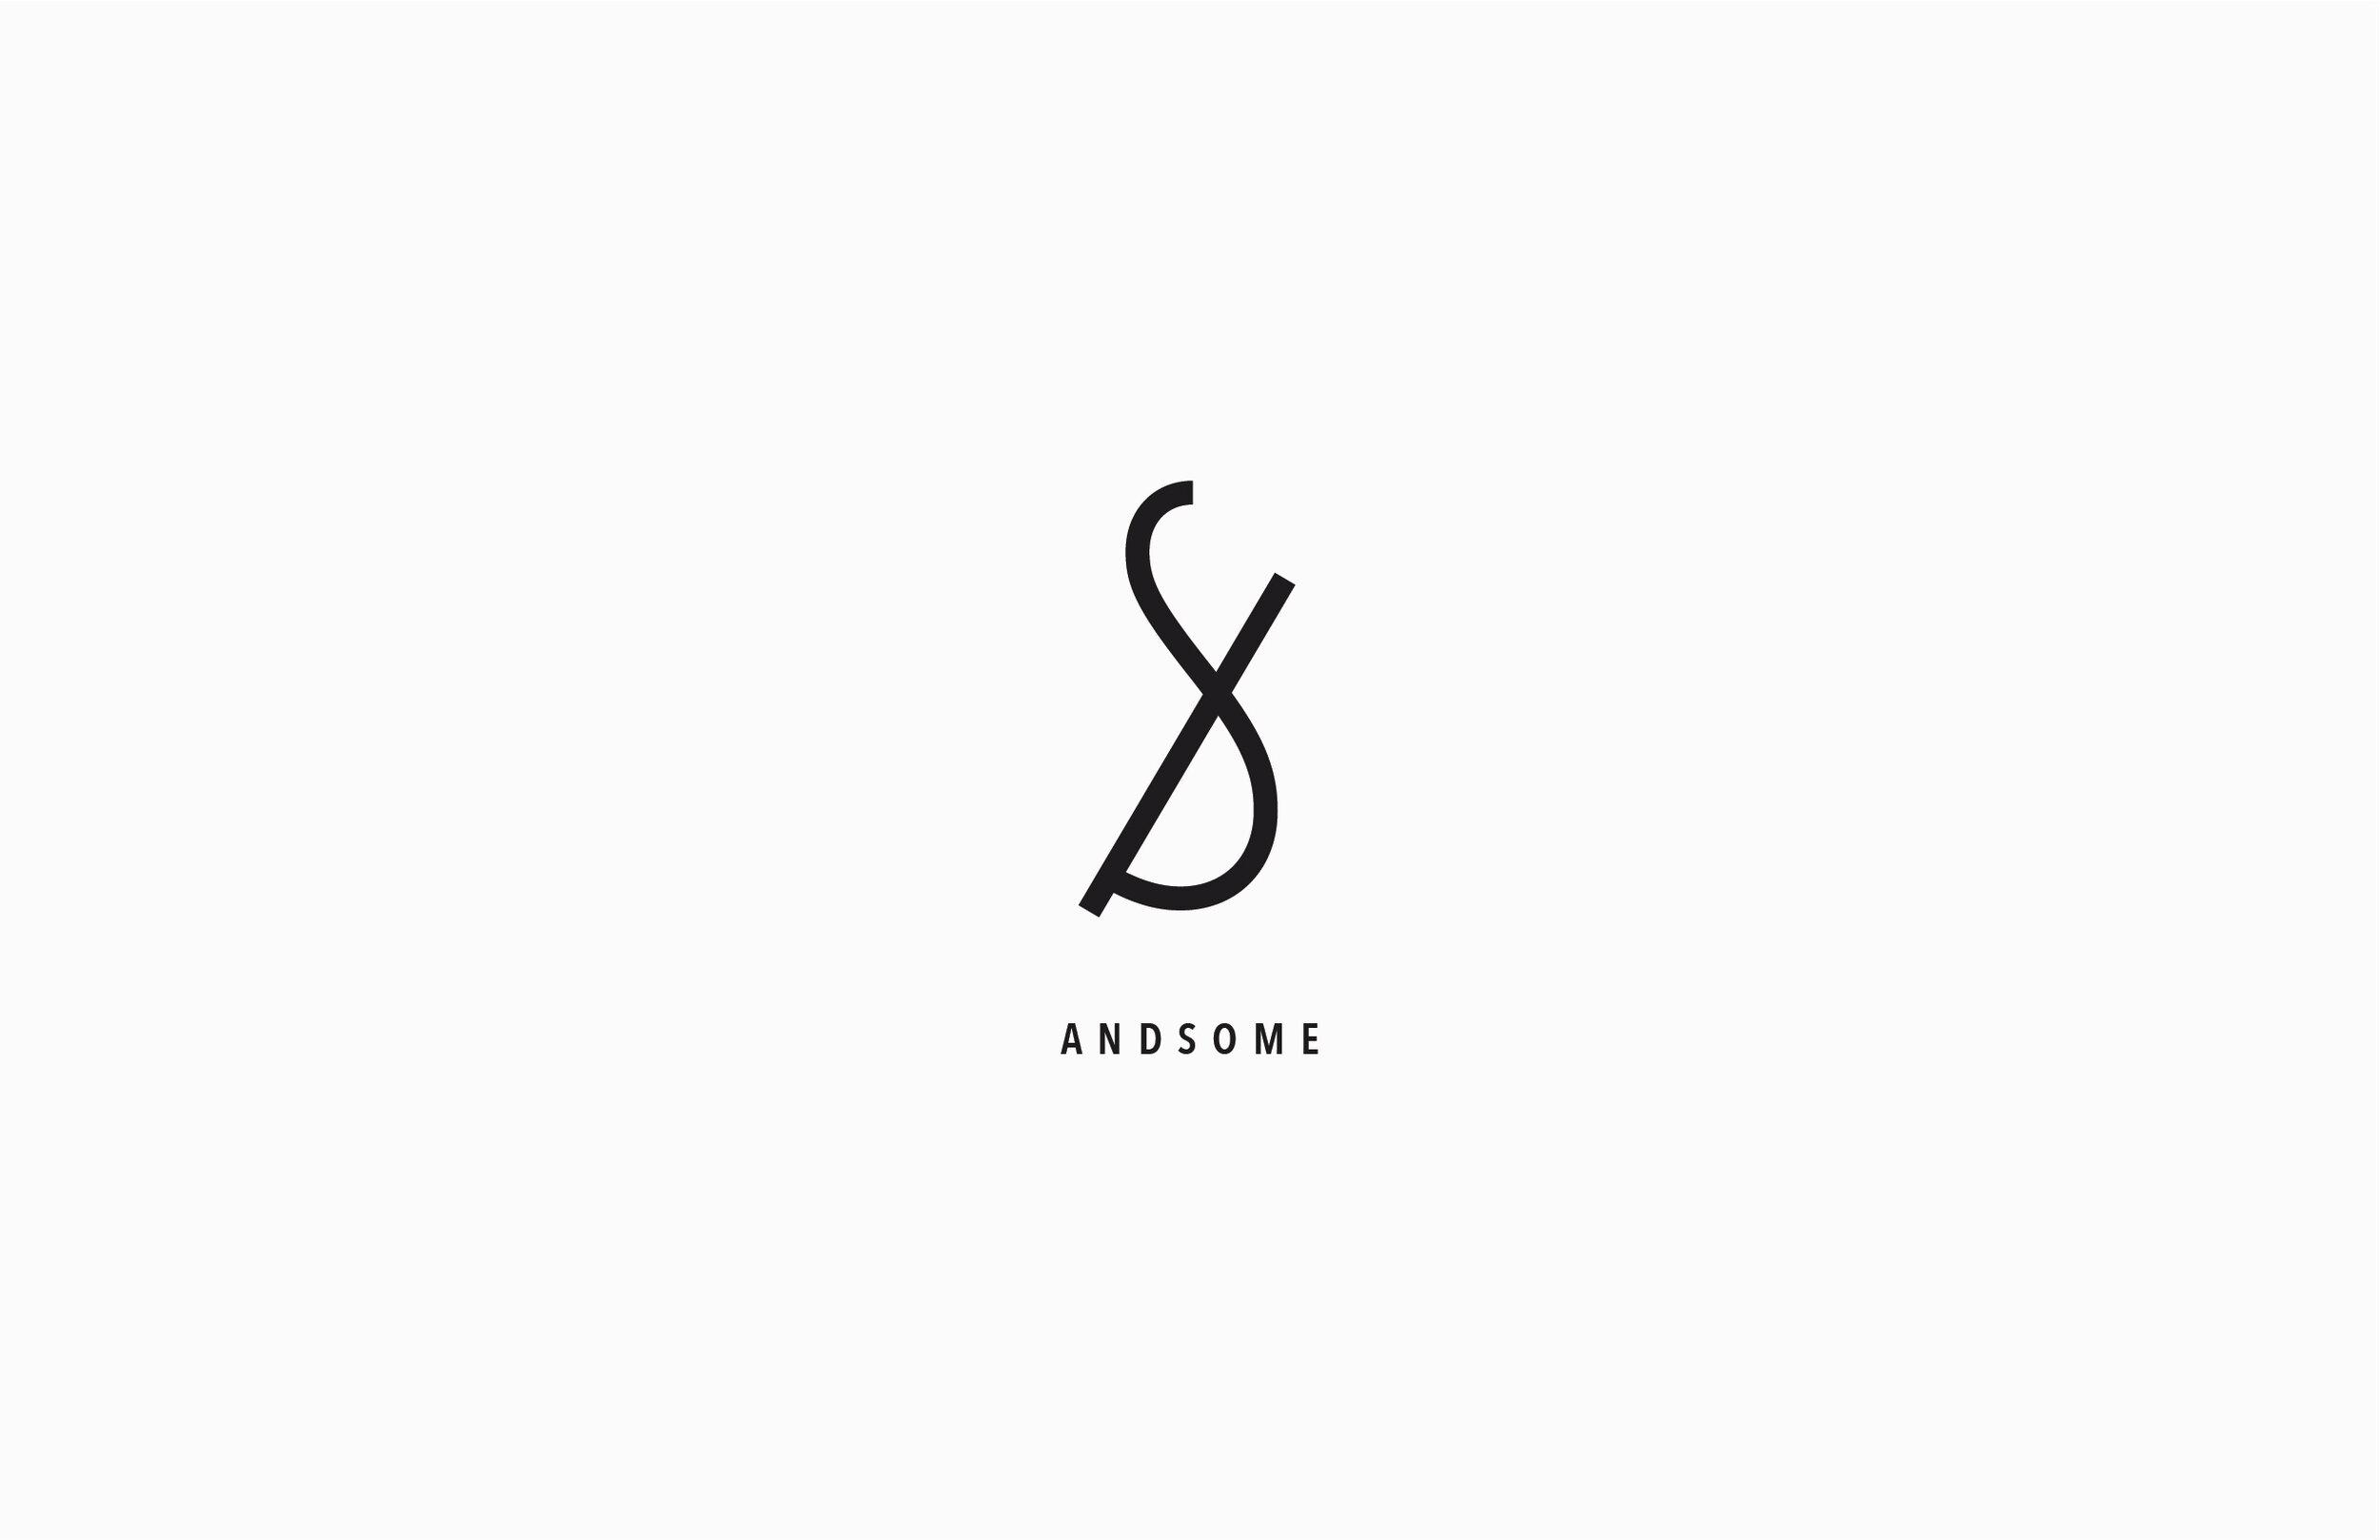 AndSomeLogo01-02.jpg